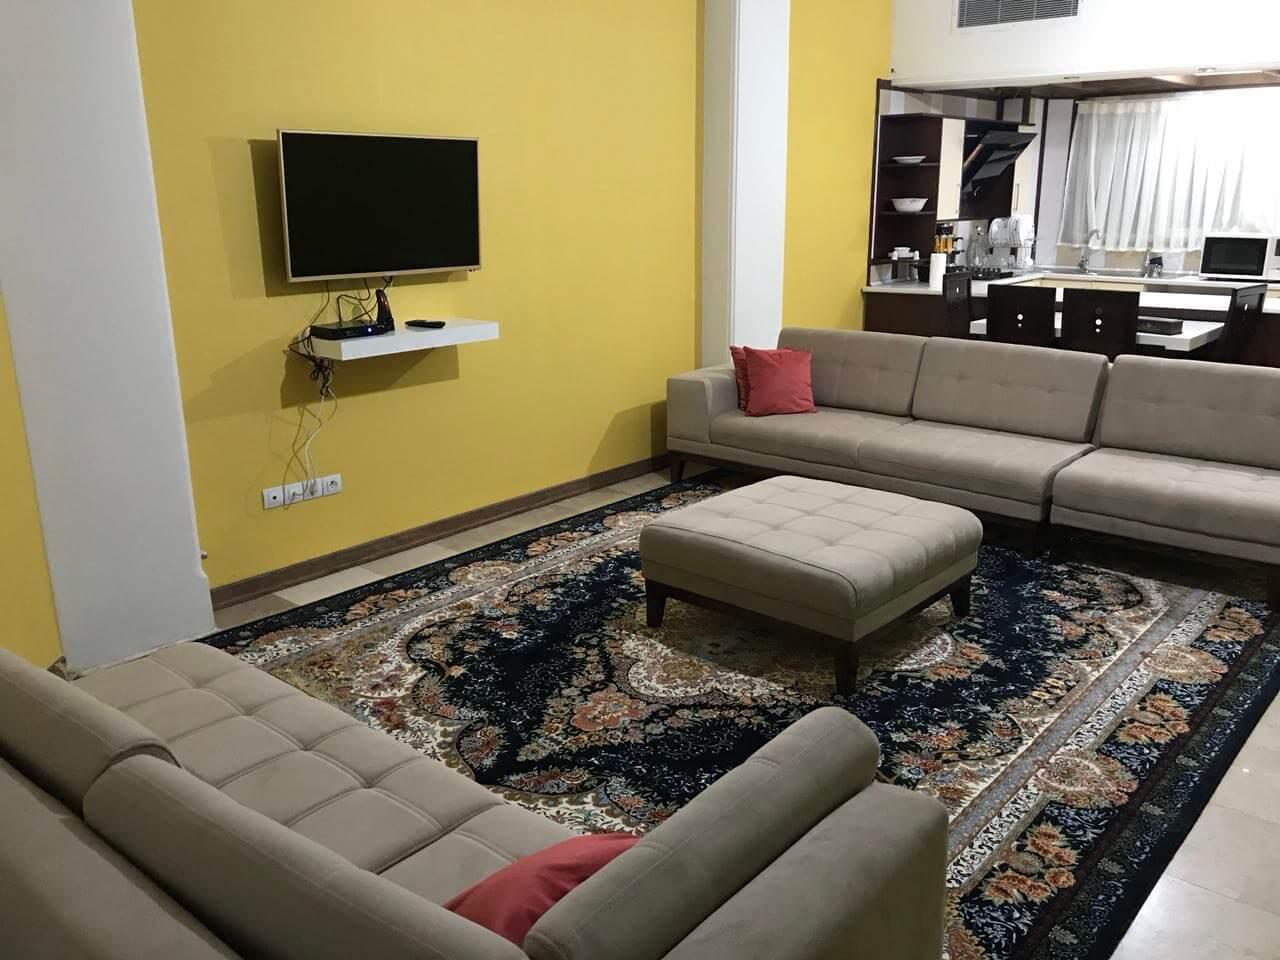 اجاره آپارتمان مبله نزدیک نمایشگاه بین المللی تهران